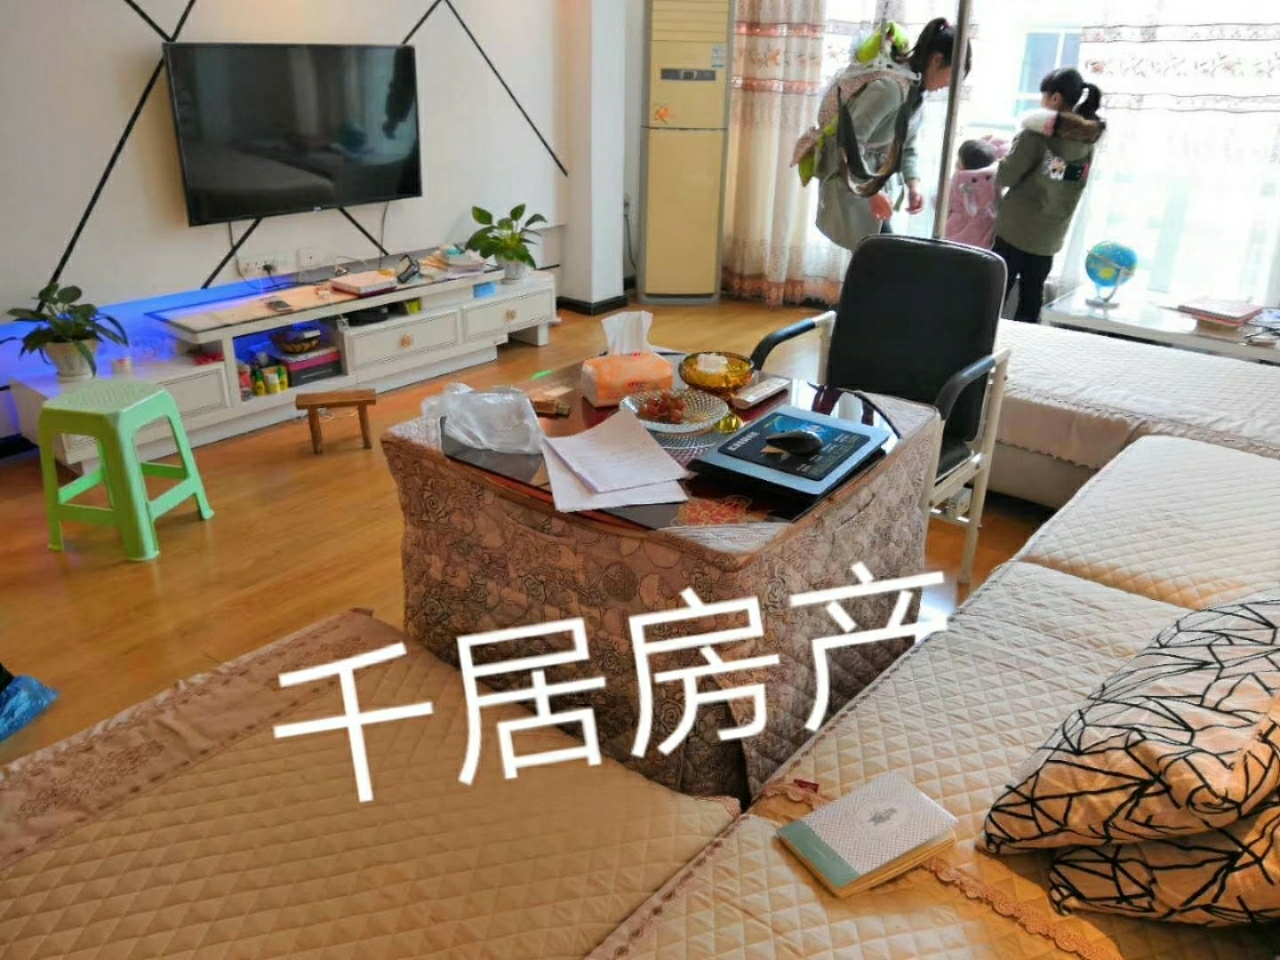 广湖雅居3室2厅2卫41.8万元全新装修